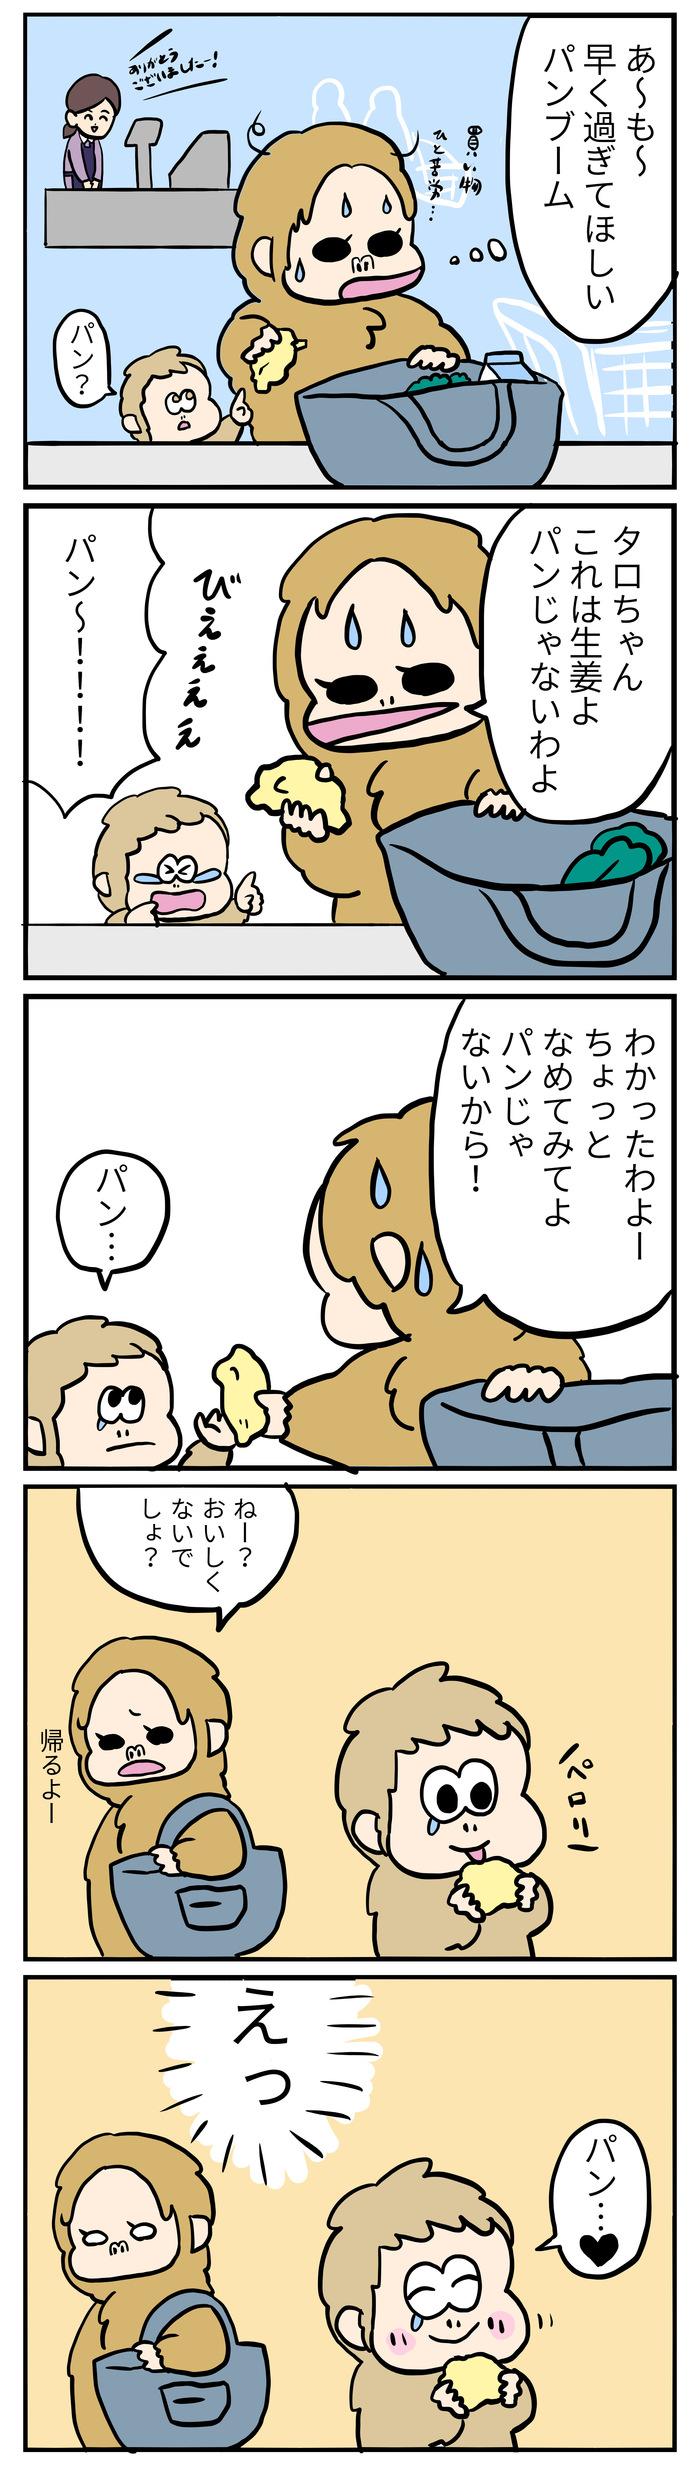 ひたすら「パン!」な1歳児。偏愛がヒートアップして…キミ、まじか。の画像2